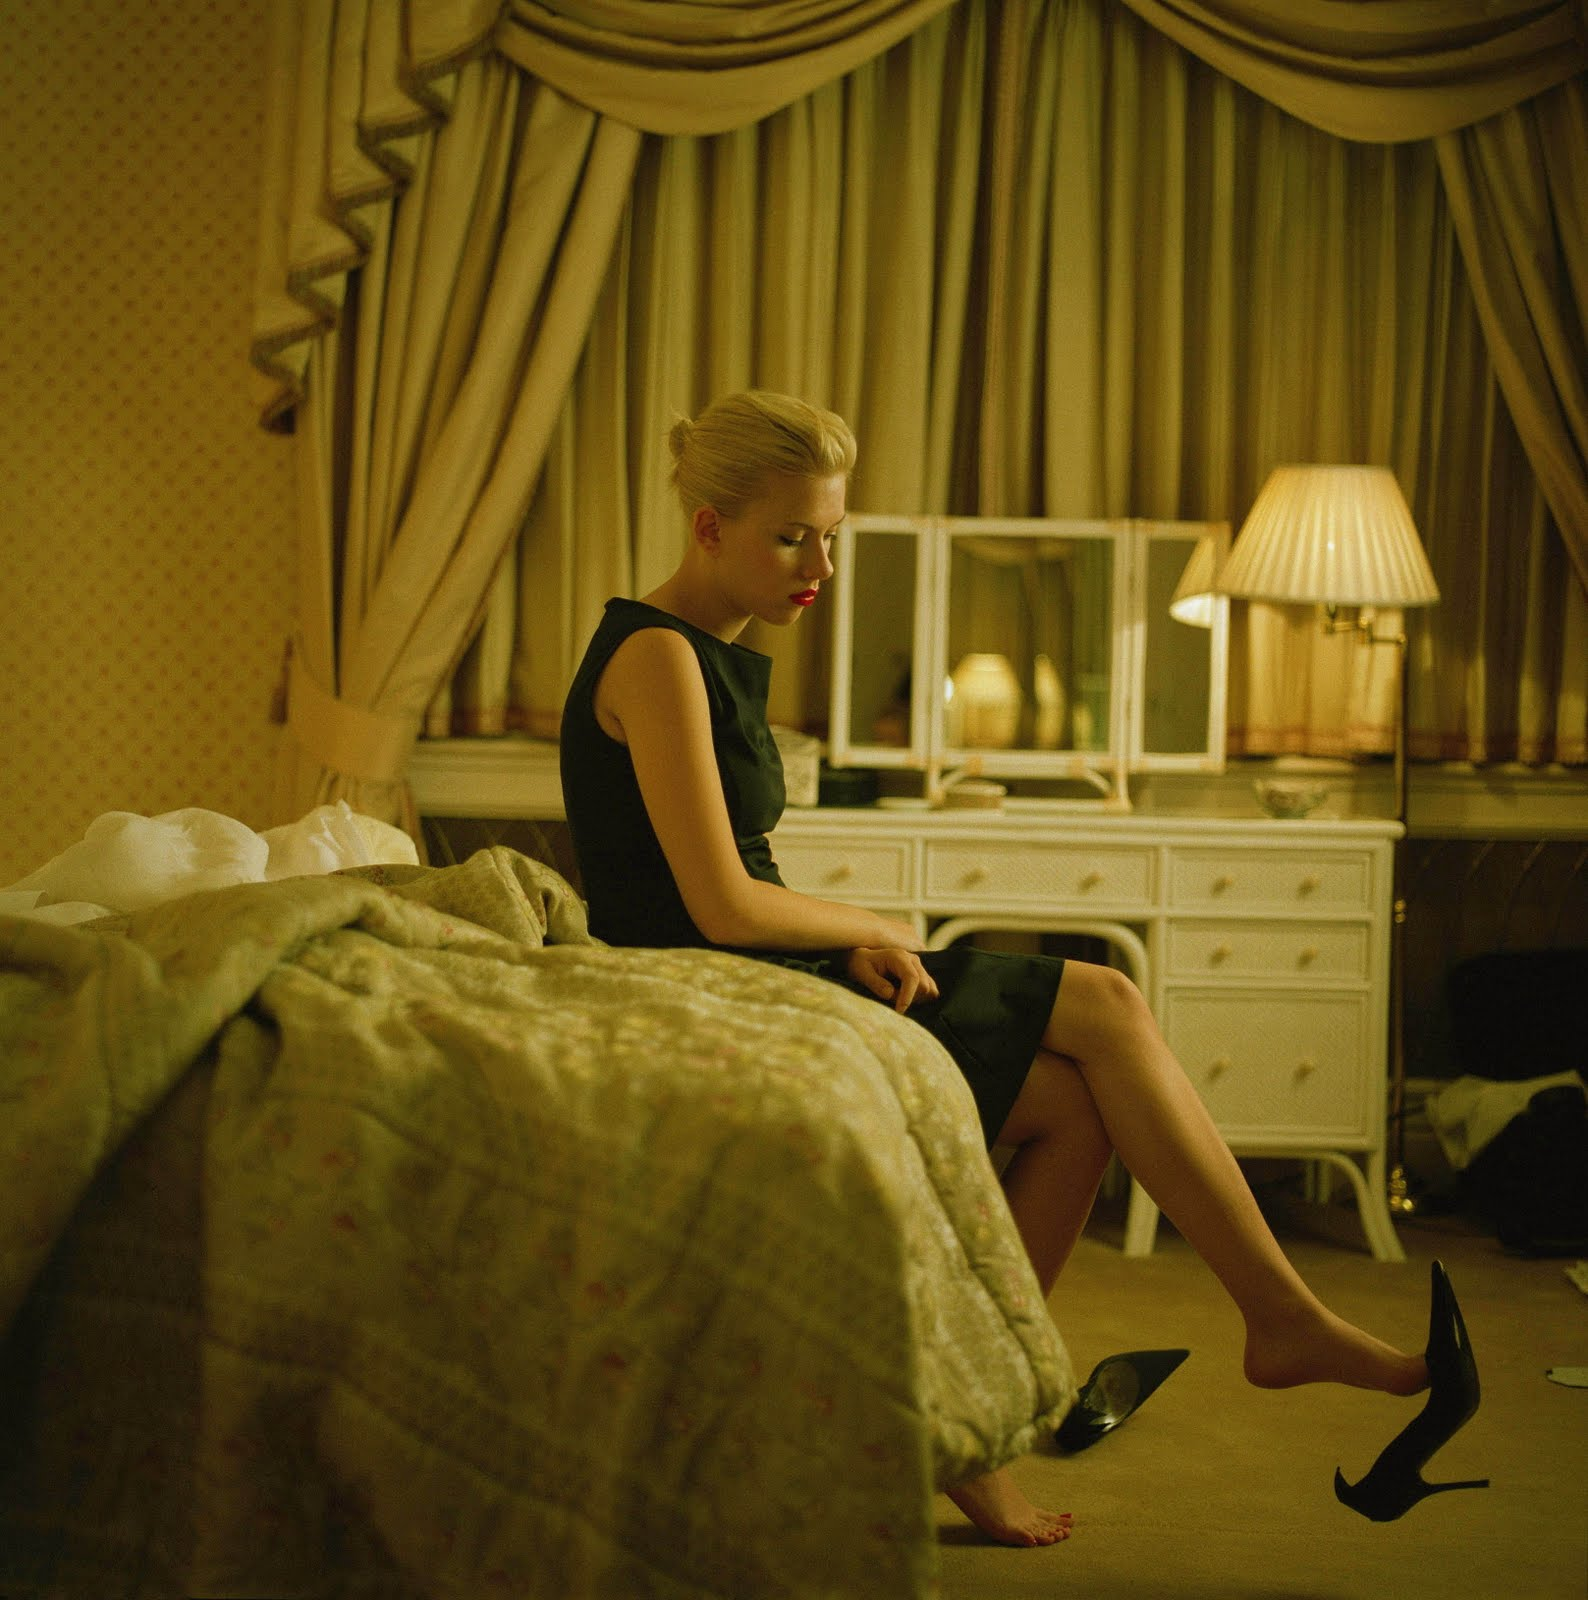 Niederlande Infos Pictures Of Scarlett Johansson Barefoot